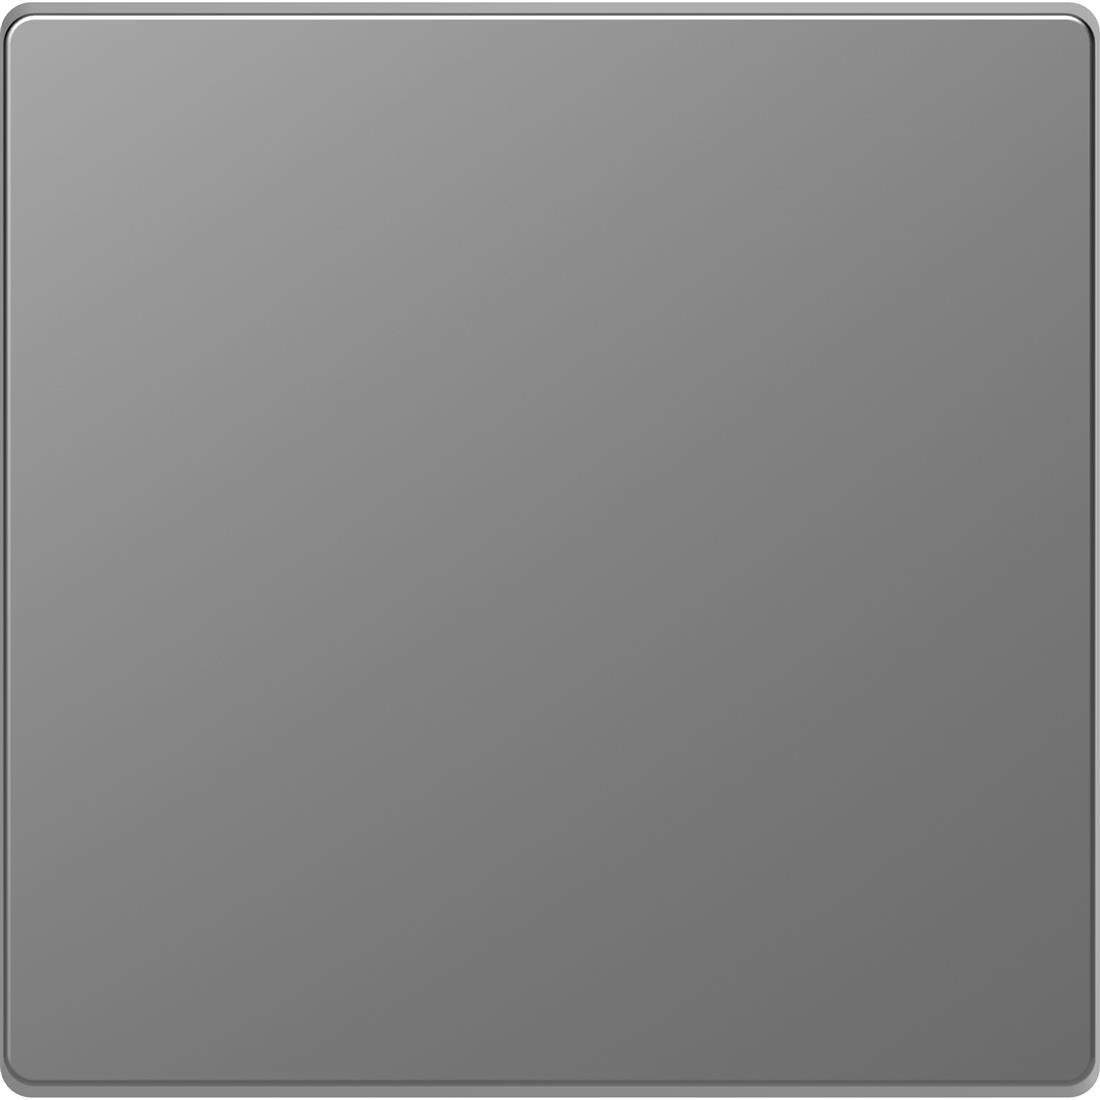 Schneider-Merten D-Life schakelwip voor wisselschakelaar - RVS look (MTN3300-6036)